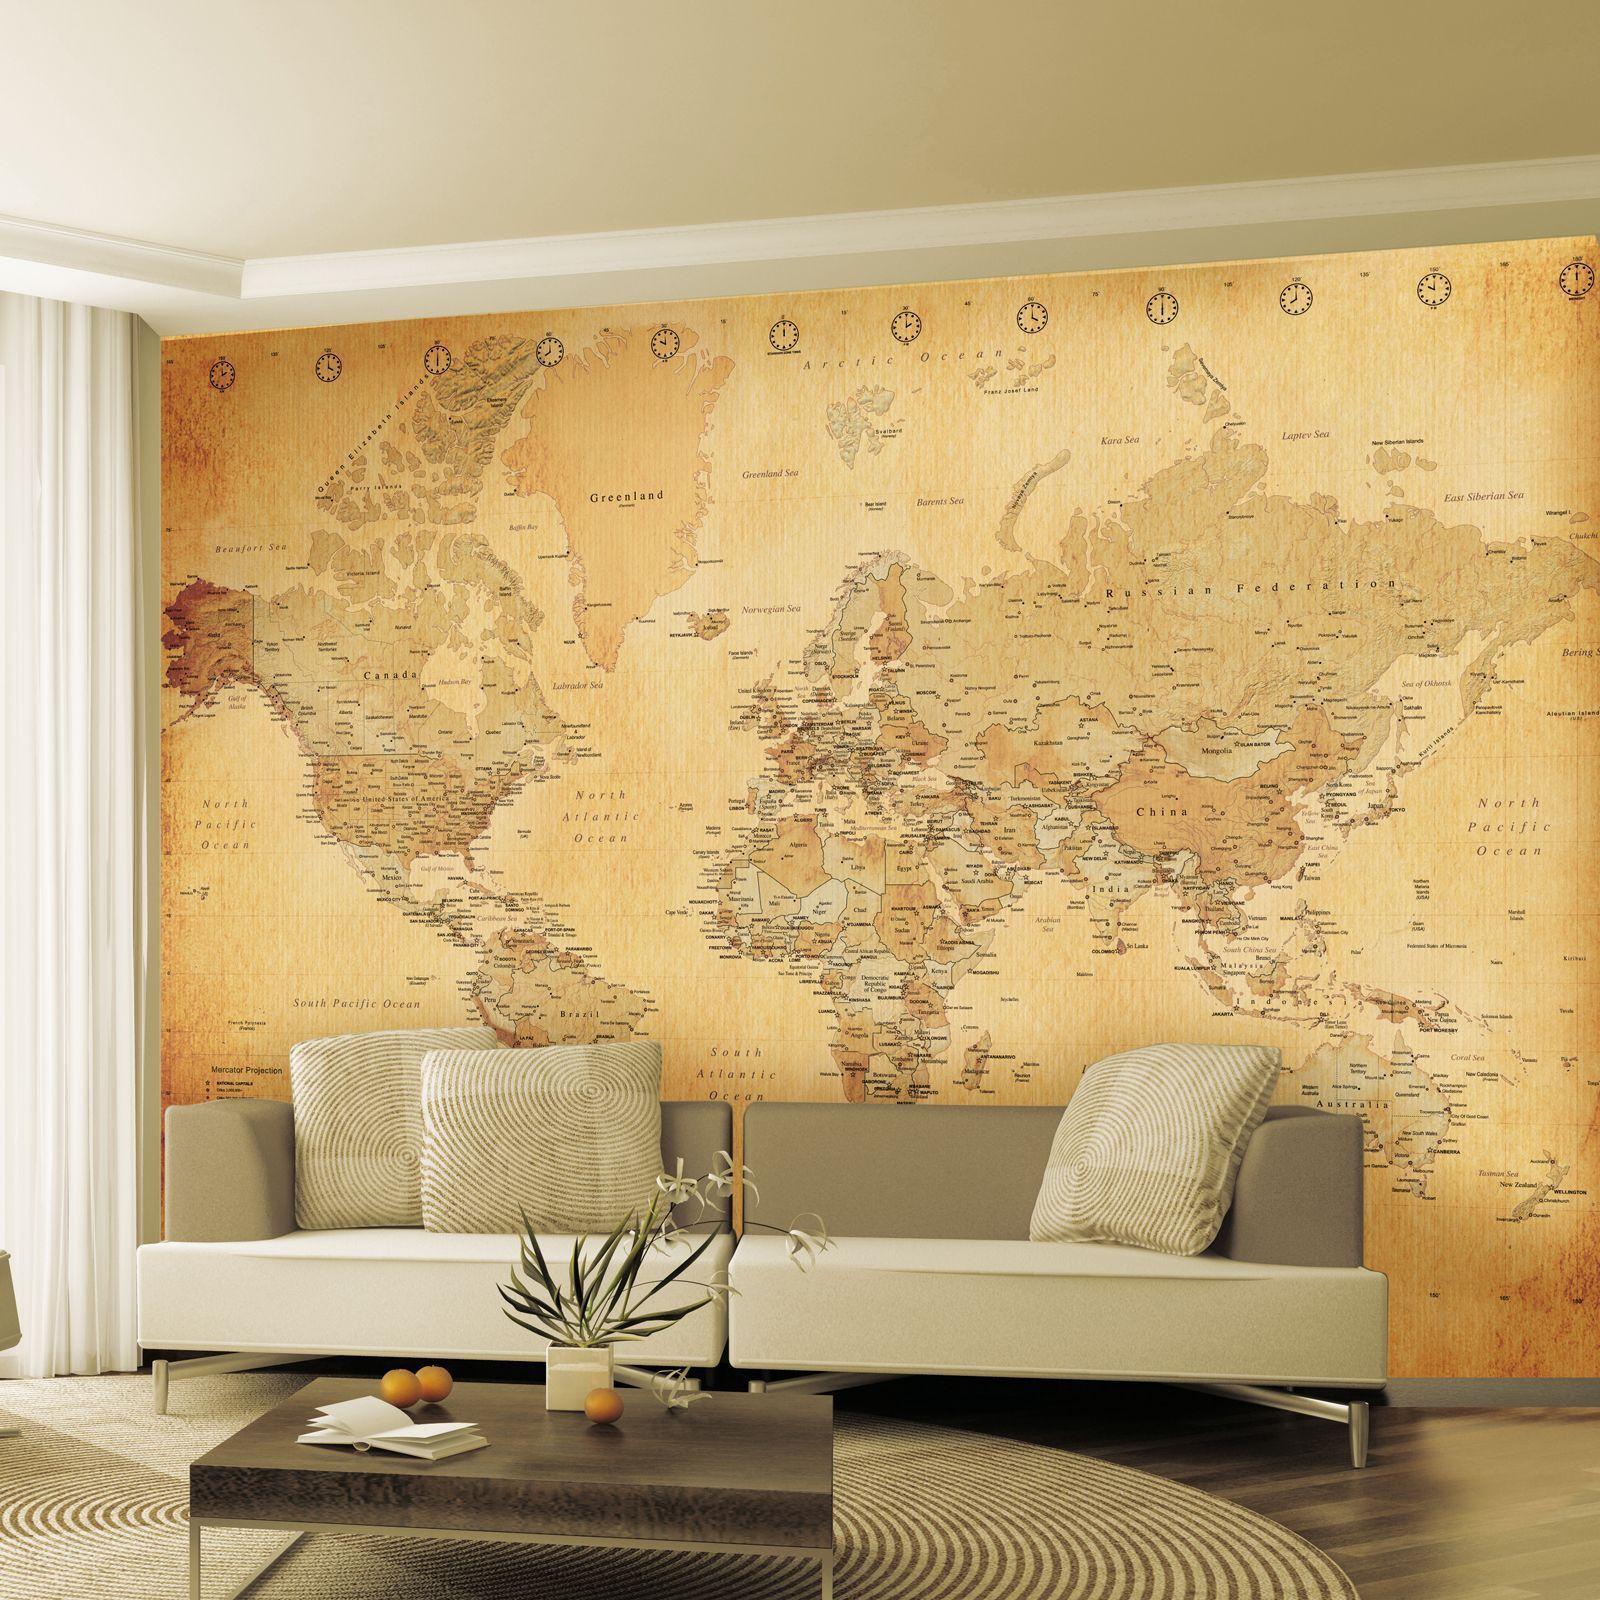 Обои география на стену в интерьере фото